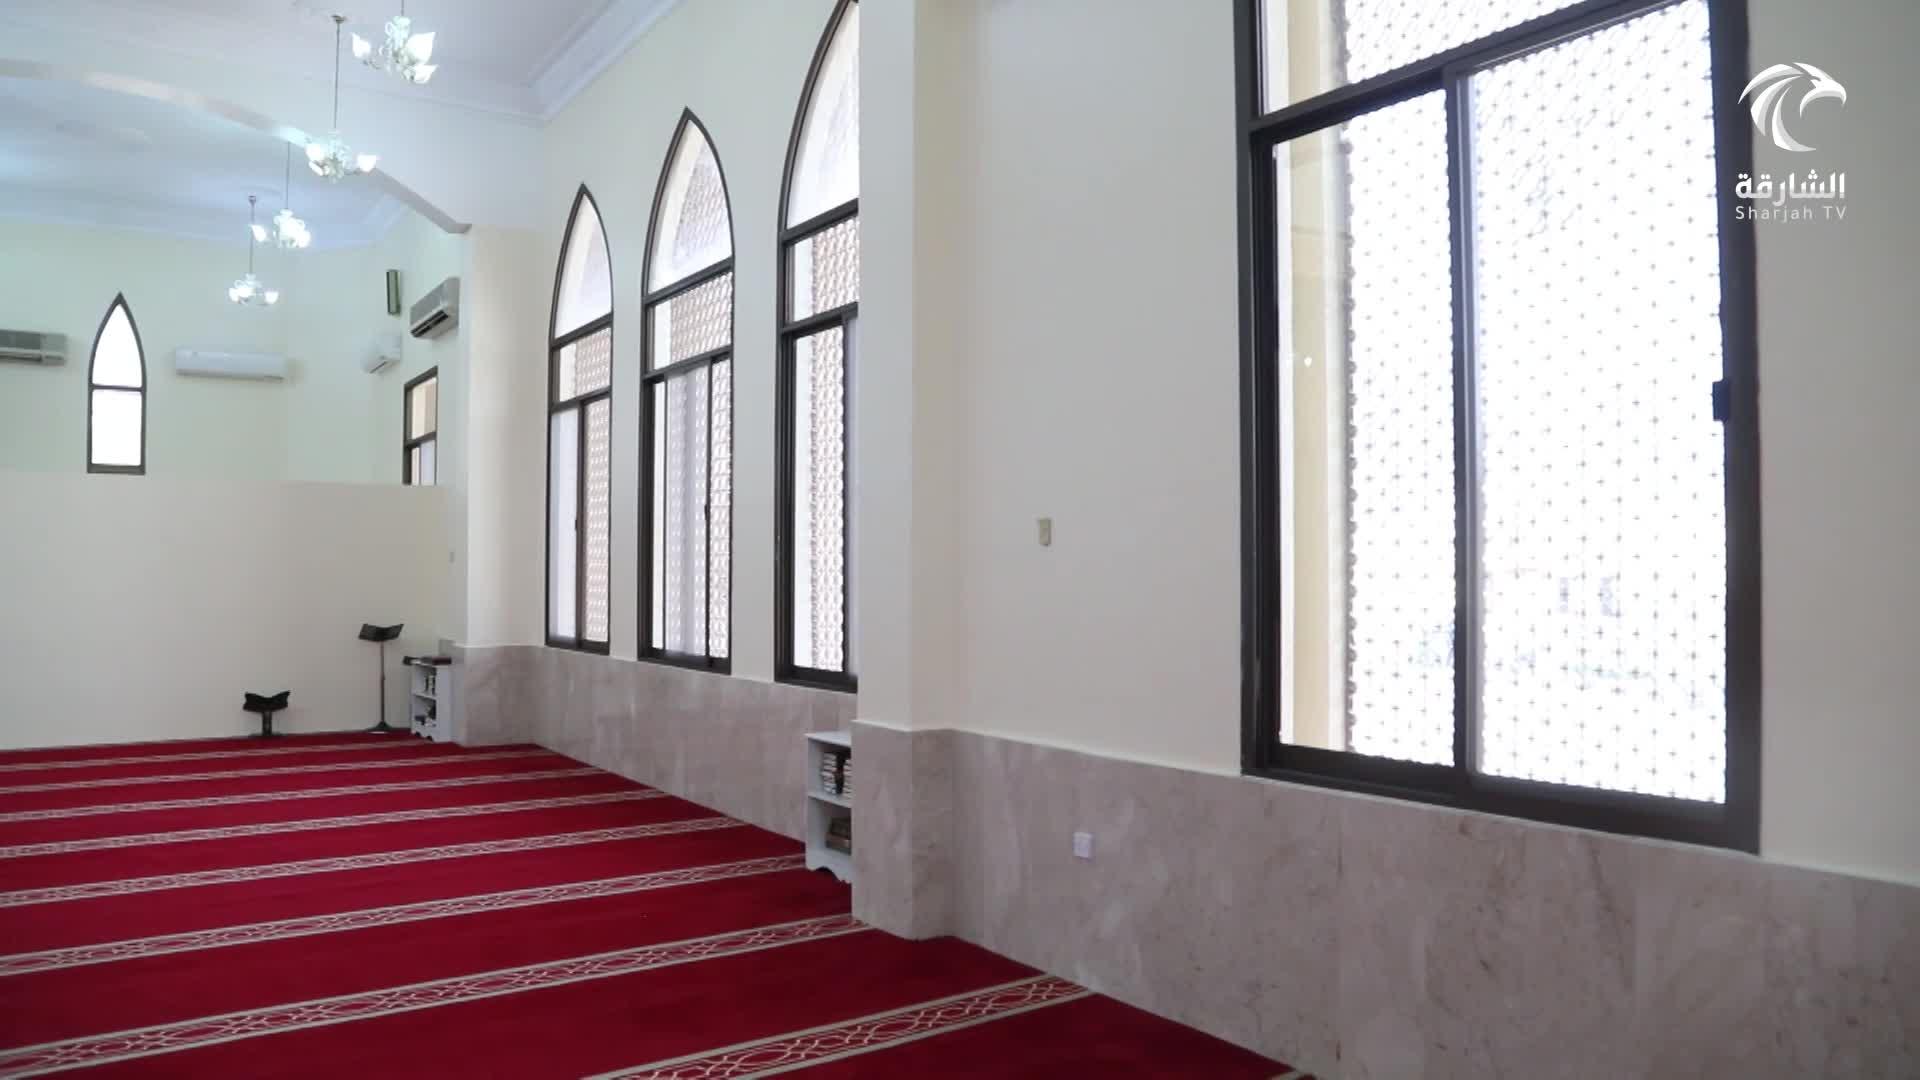 برنامج مآذن - مسجد عبدالله بن رواحه